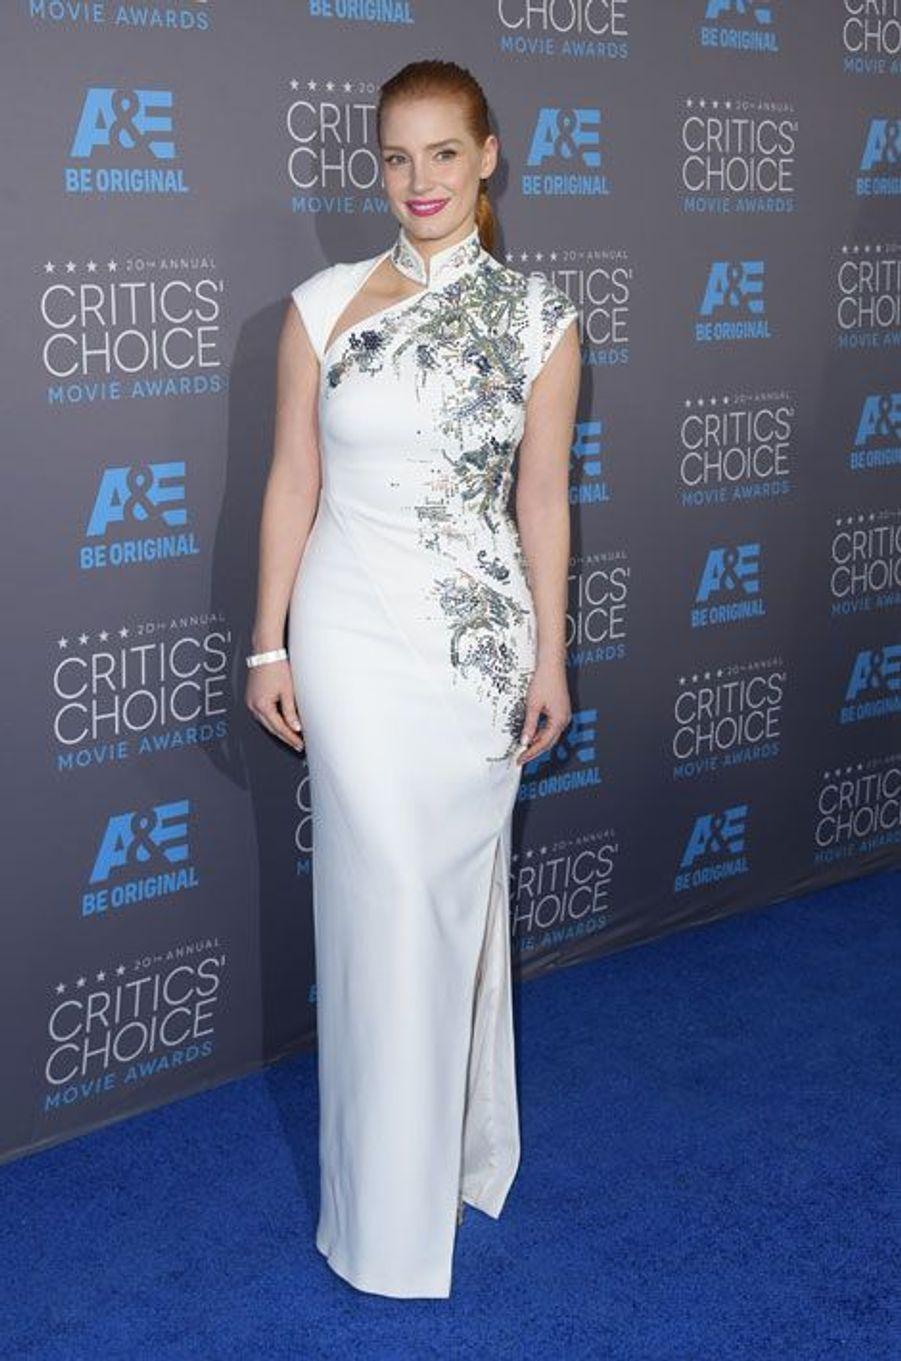 L'actrice Jessica Chastain en Antonio Berardi lors de la cérémonie des Critic's Choice Movie Awards à Los Angeles, le 15 janvier 2015